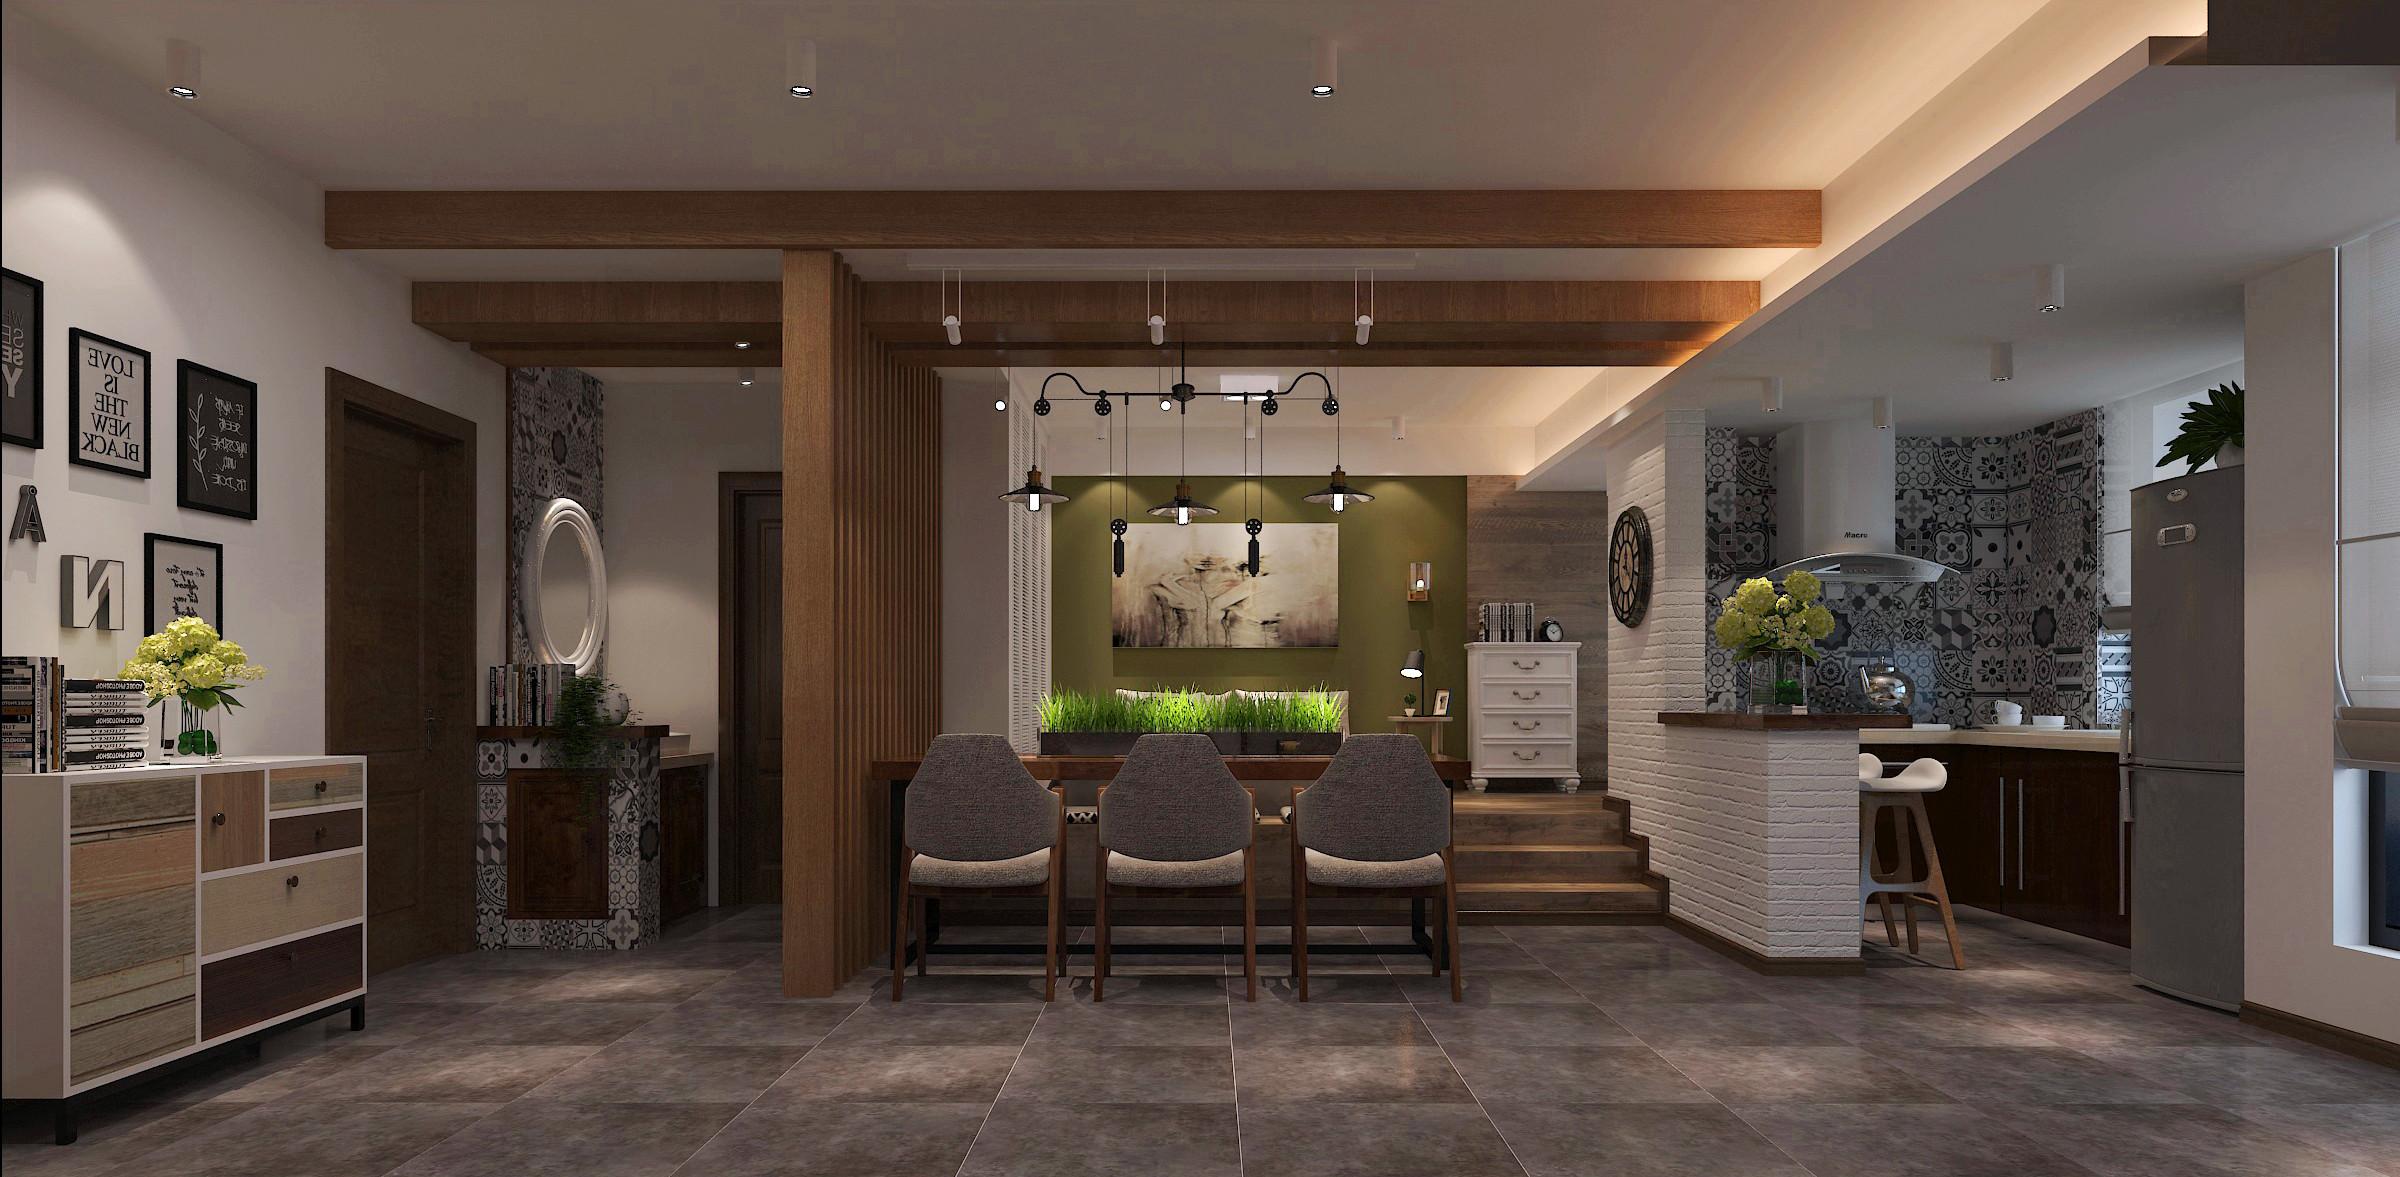 复古小清新公寓装修整体效果图